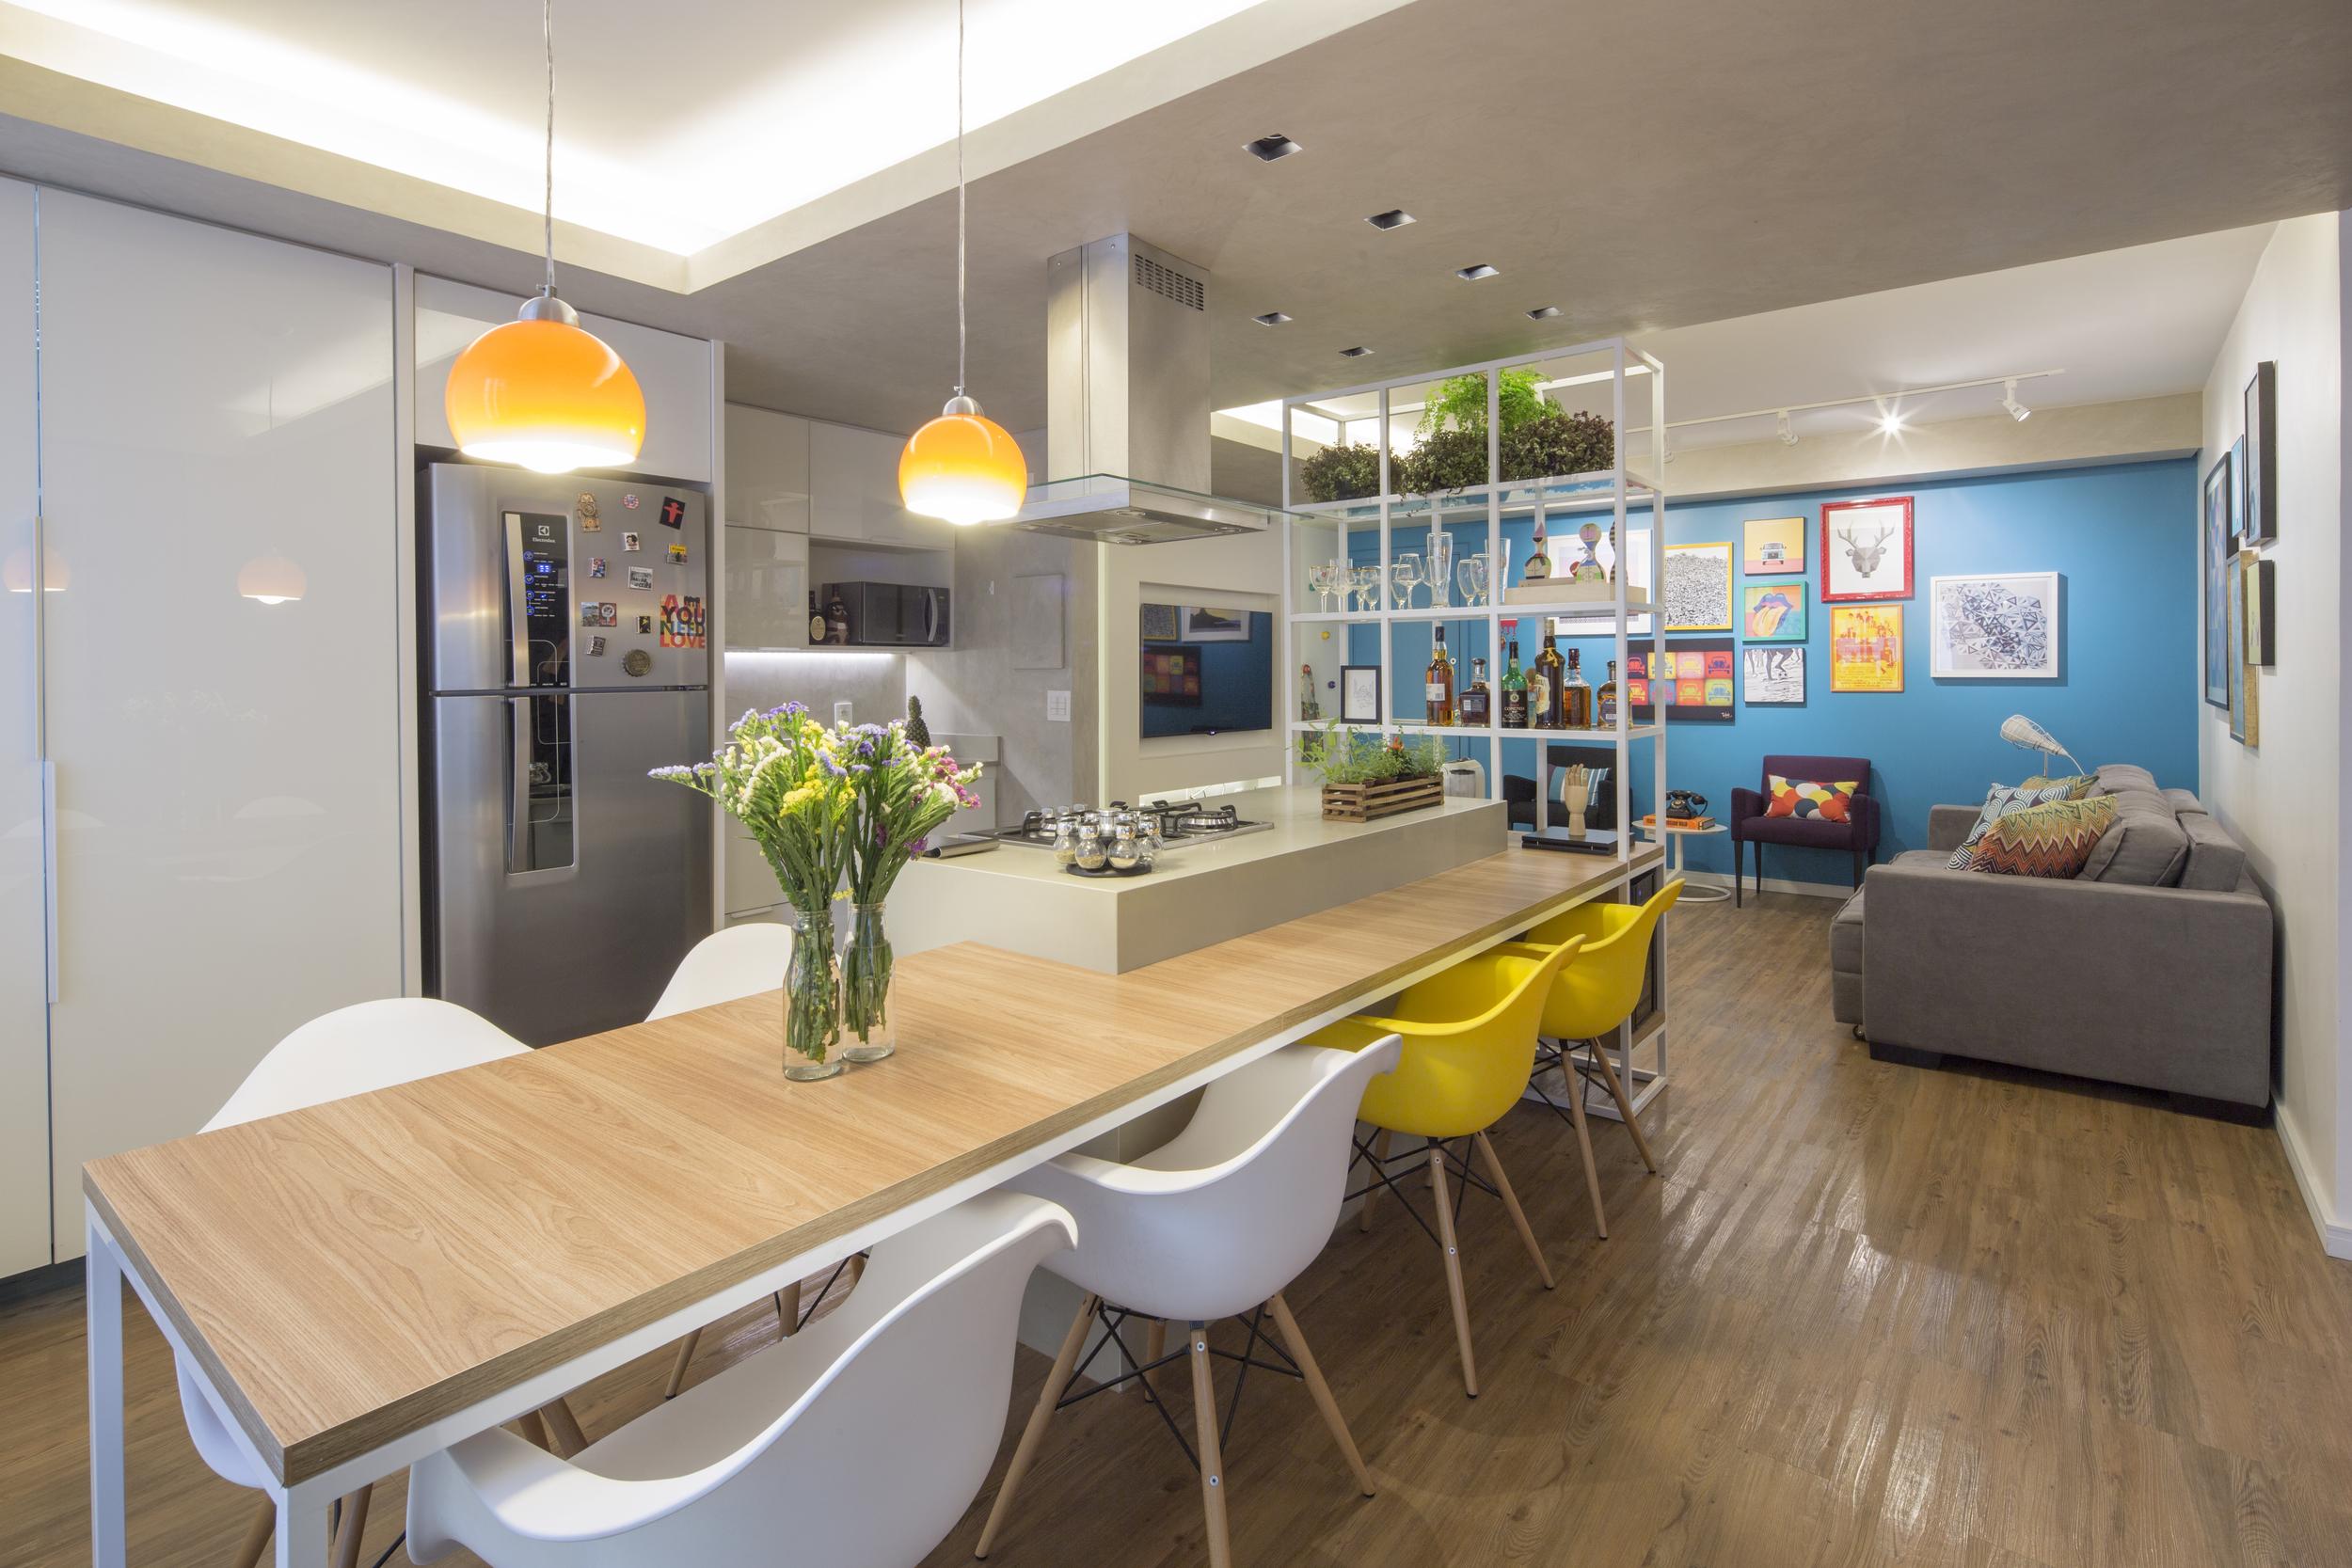 As barreiras entre a sala de tv, sala de jantar, cozinha e área de serviço, se dissolvem a partir de uma trama central permeável.